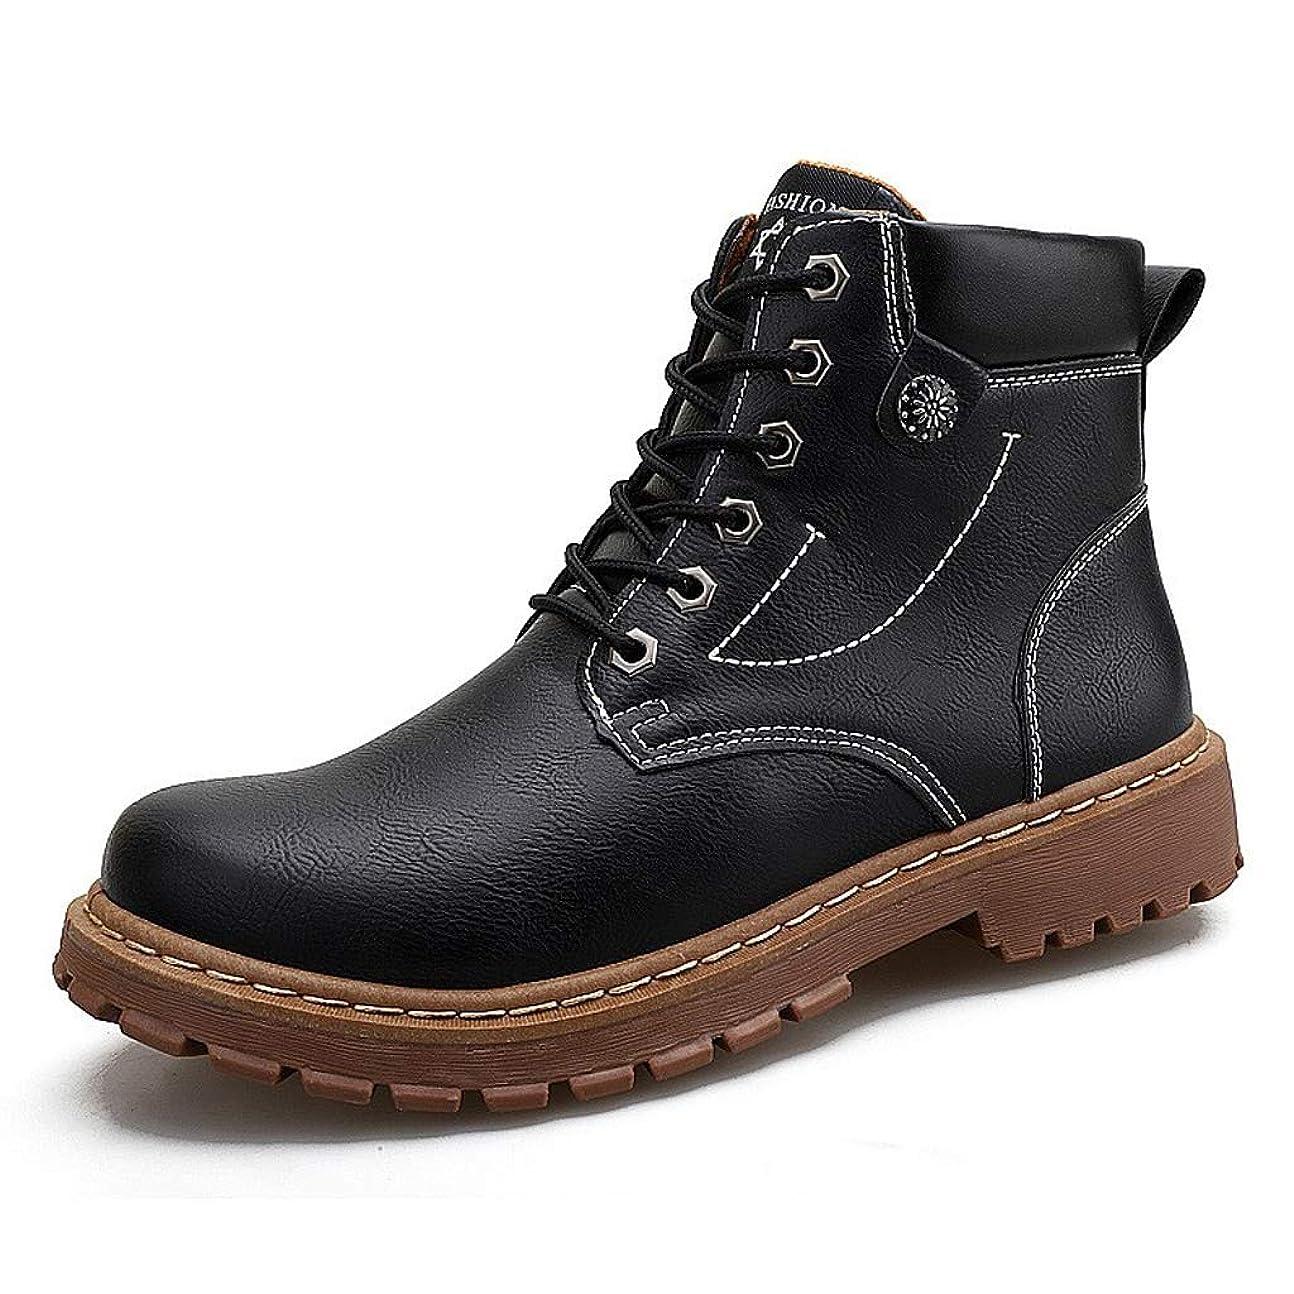 特性樹木出来事男性の半長靴のためのツーリングブーツレースアップ人工皮革ラウンドヘッド通気性消臭カジュアルアウトドアウェア用 (色 : 黒, サイズ : 24 CM)